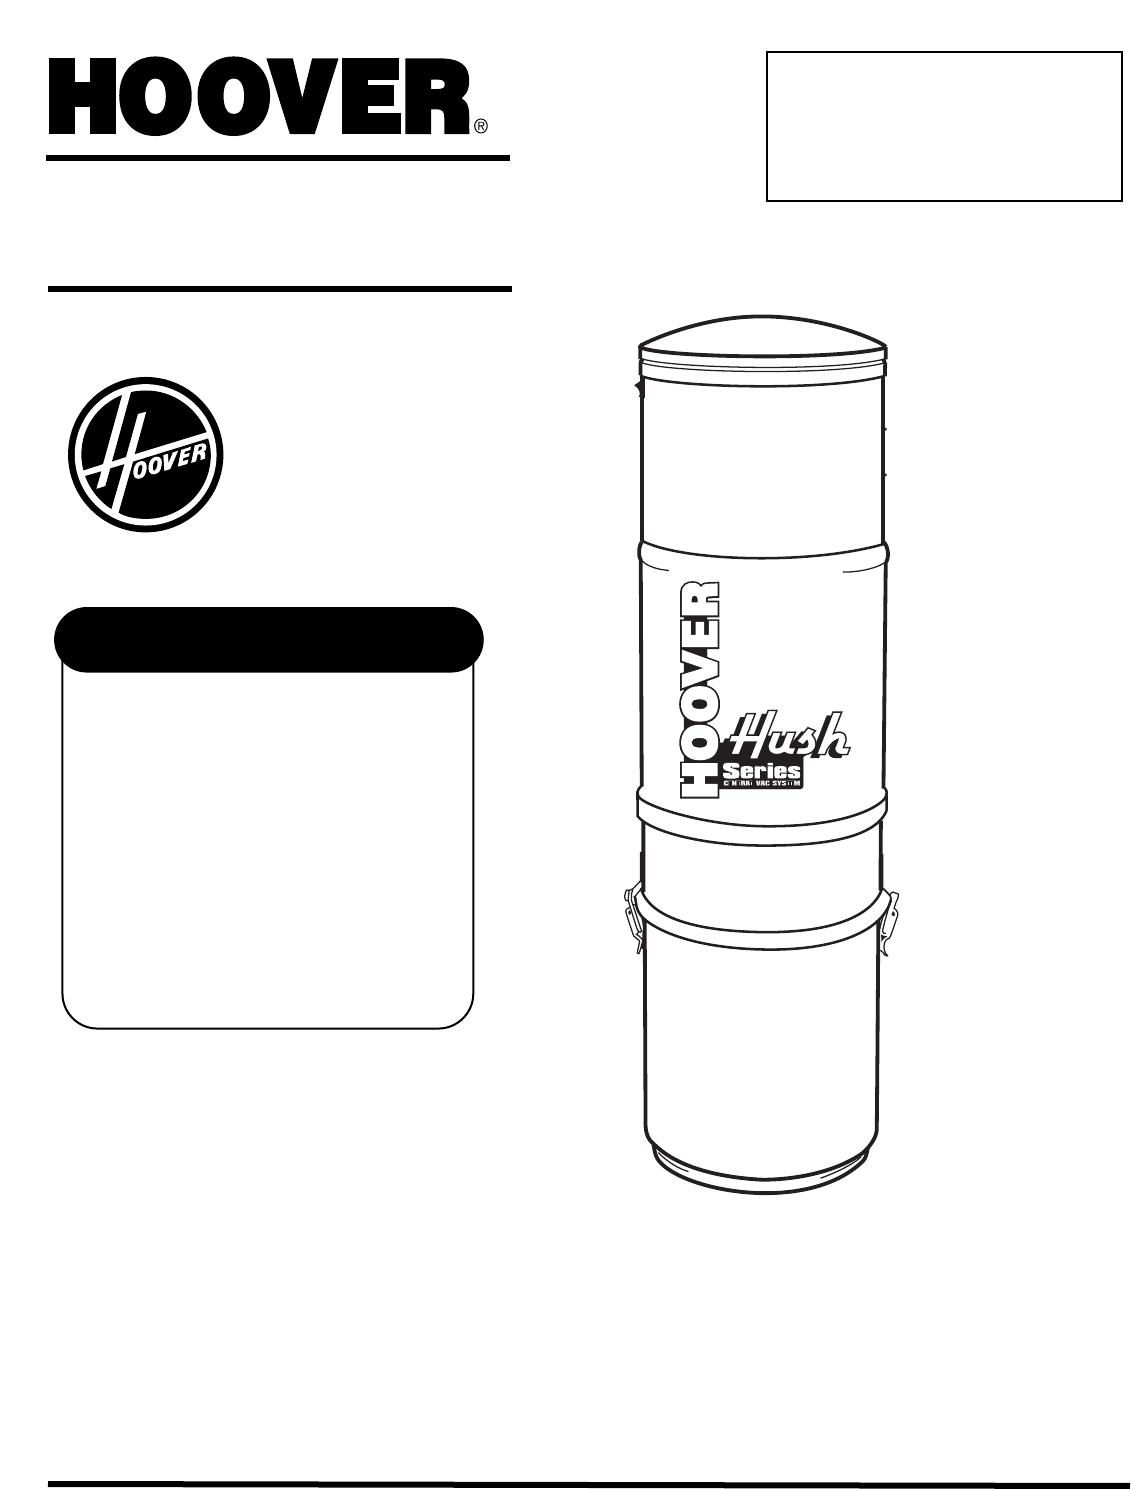 Hoover Vacuum Cleaner 120 V 60 Hz User Guide